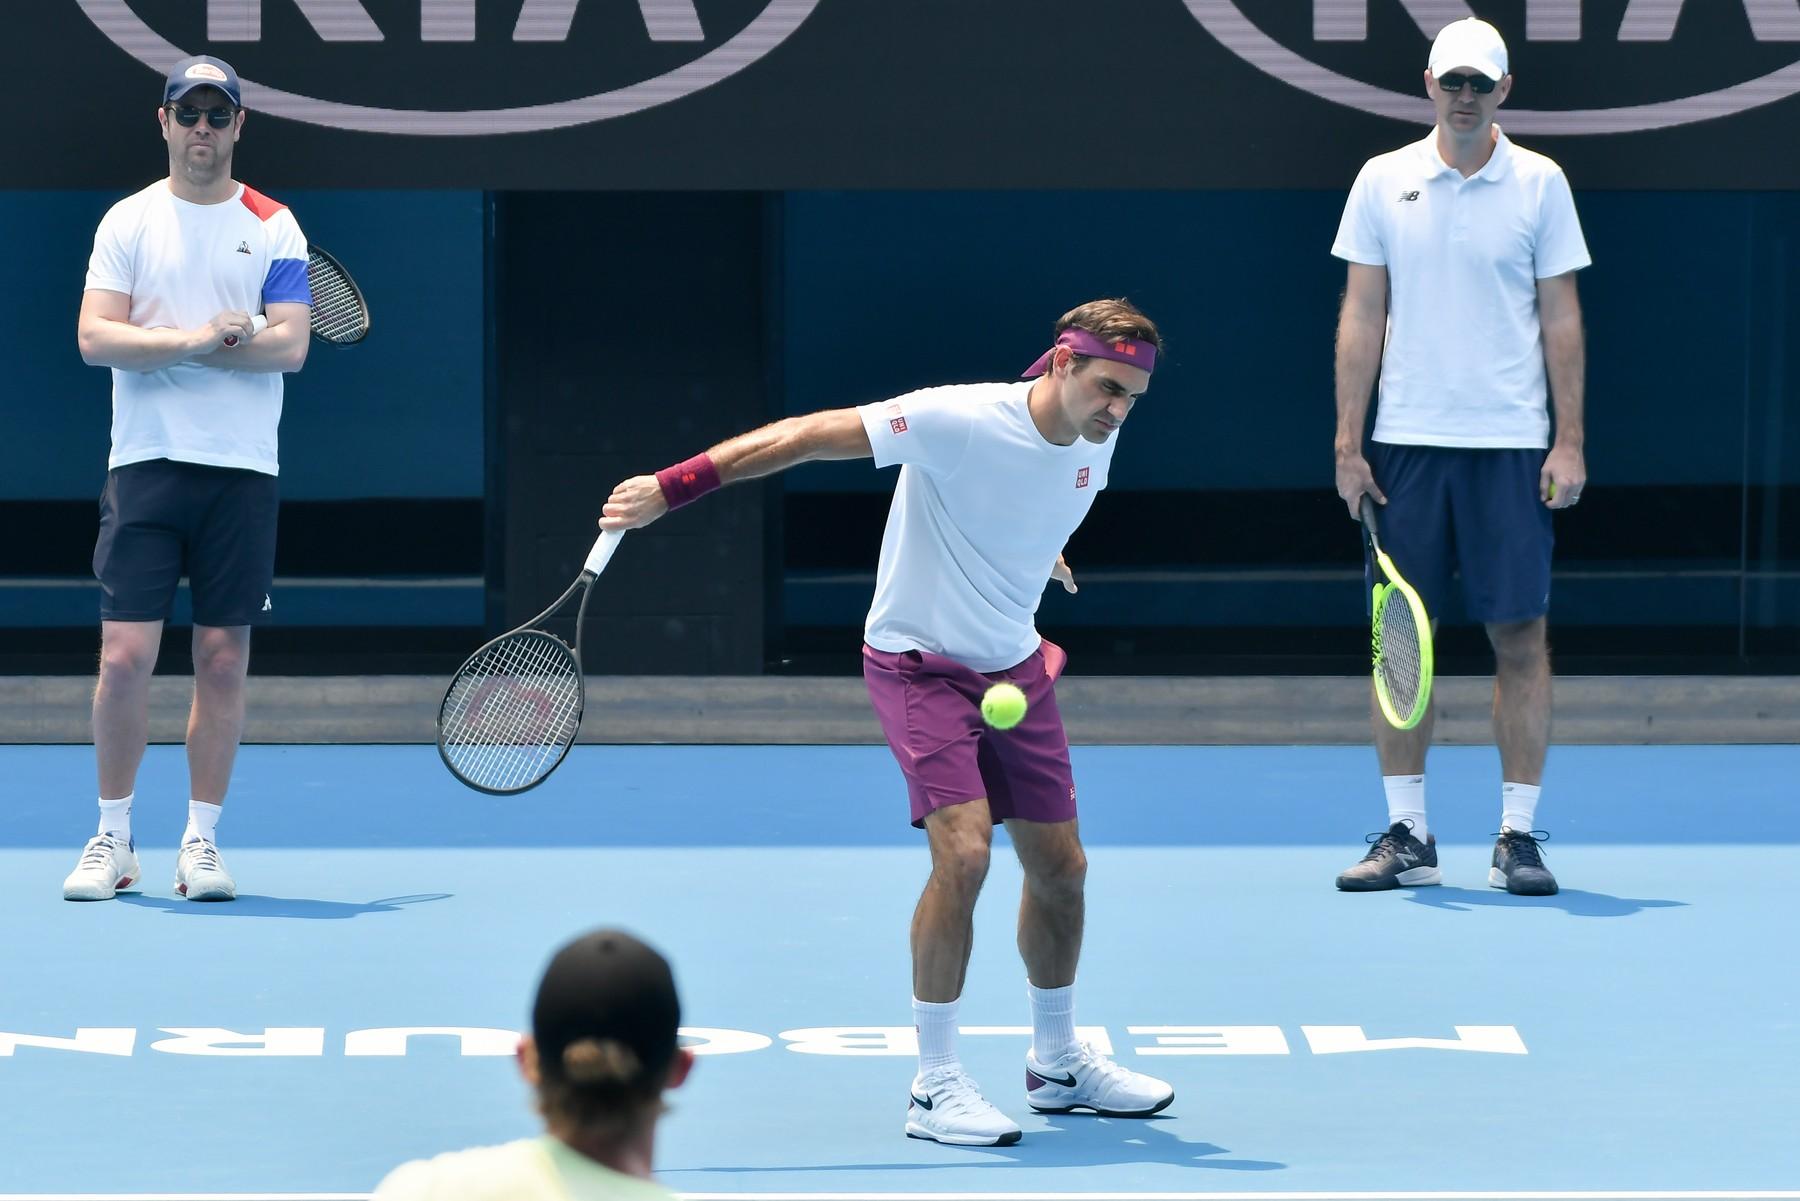 Roger Federer trénuje na Rod Laver Areně před zahájením tenisového turnaje Australian Open Grand Slam v australském Melbourne